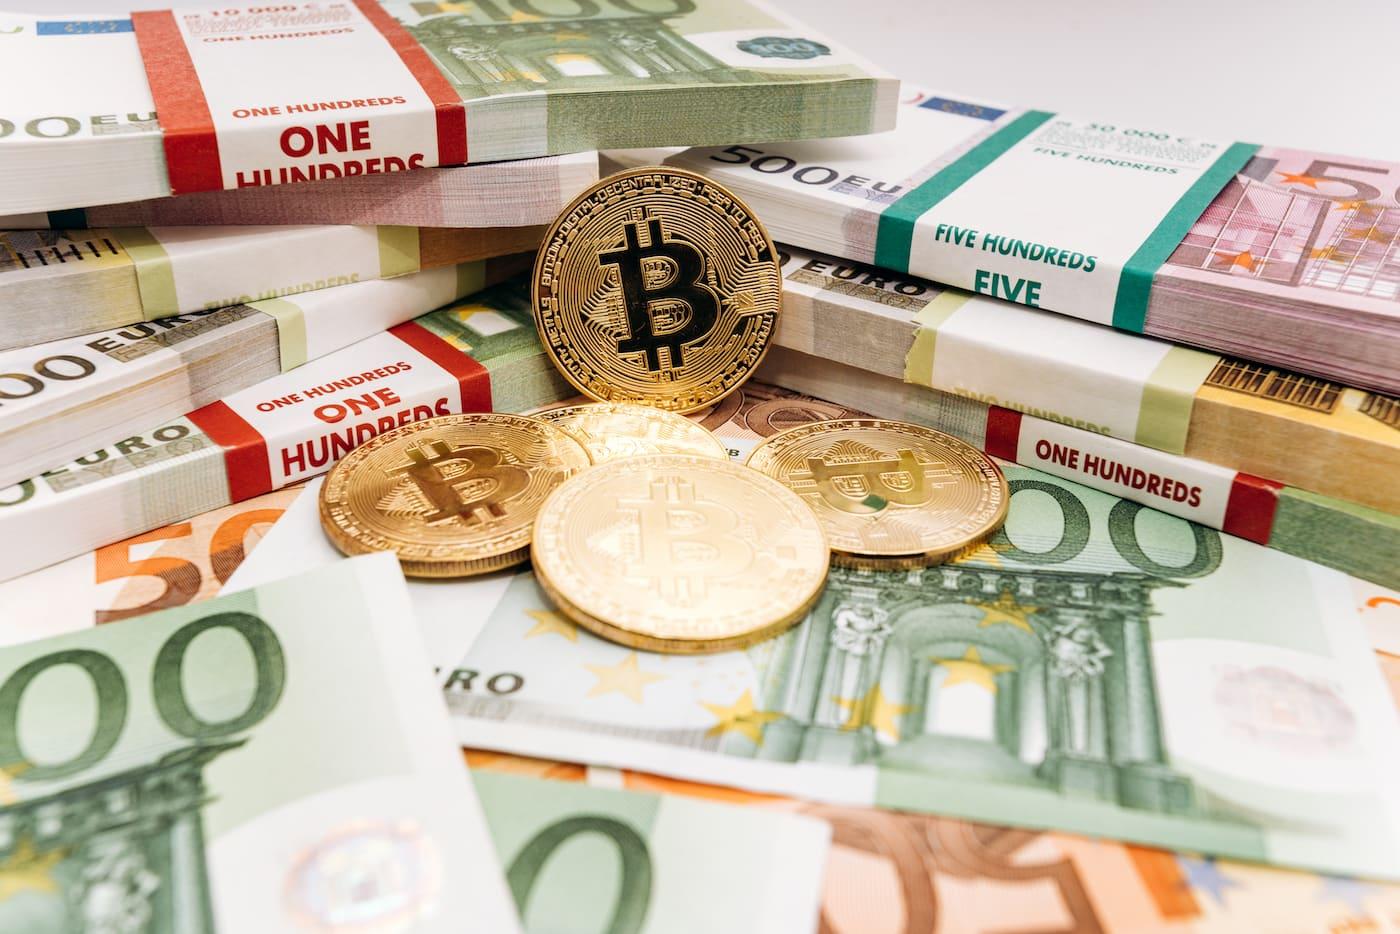 Kriminelle nutzen Bitcoin für Geldwäsche